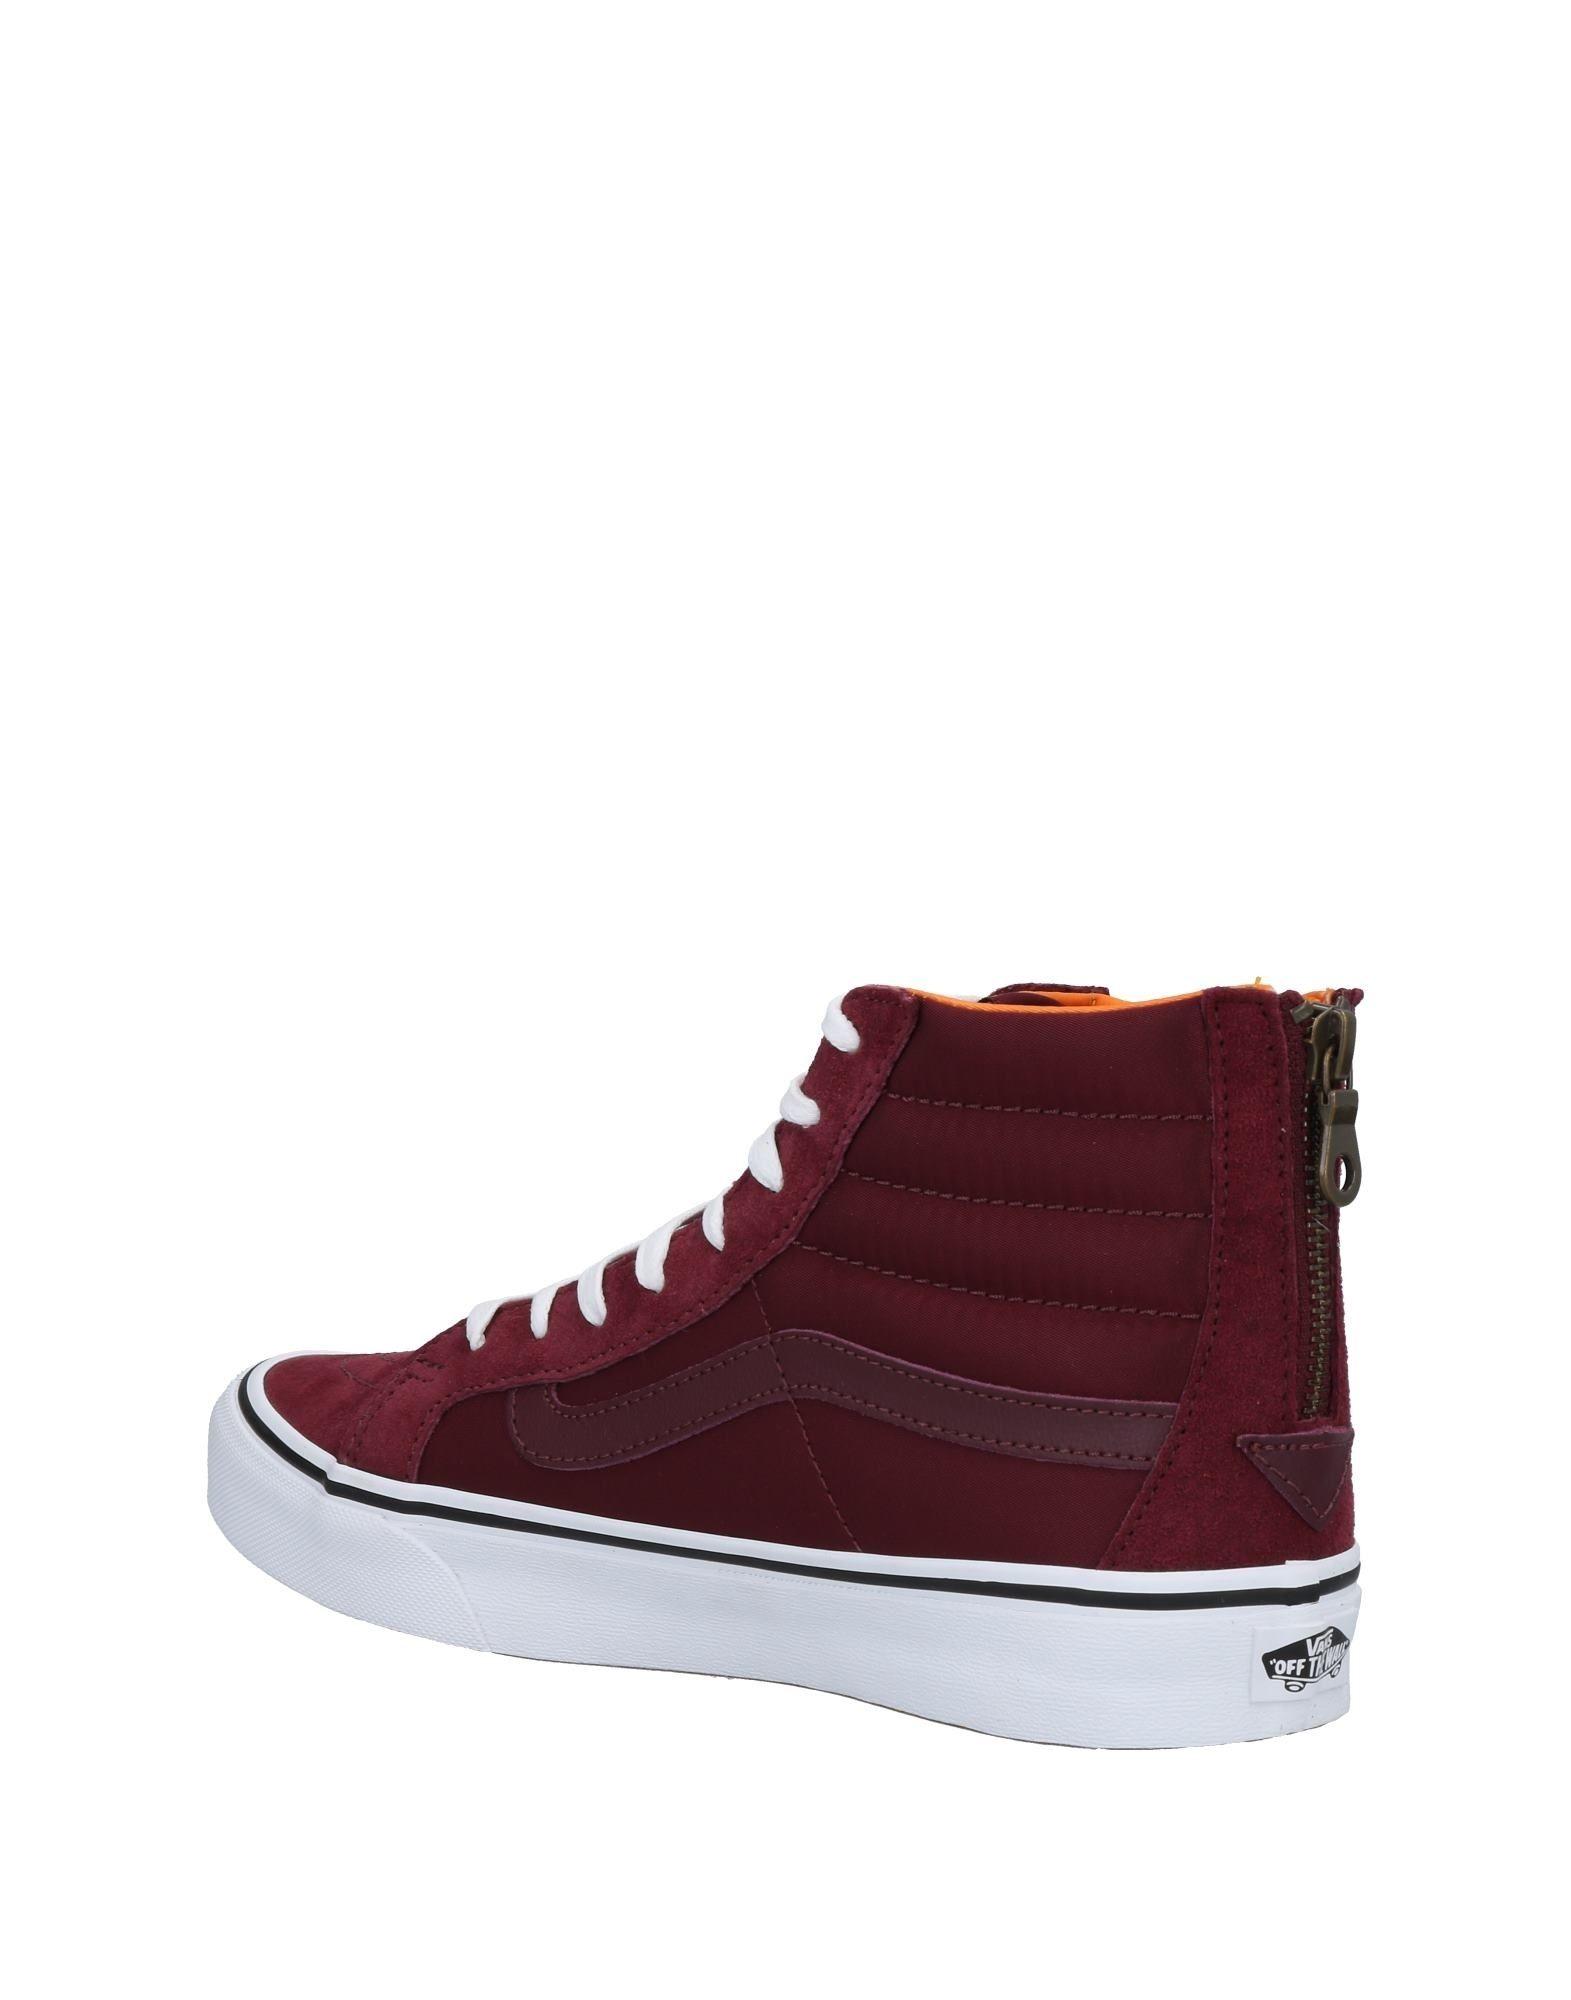 Rabatt echte Schuhe Vans Sneakers Herren  11473887HV